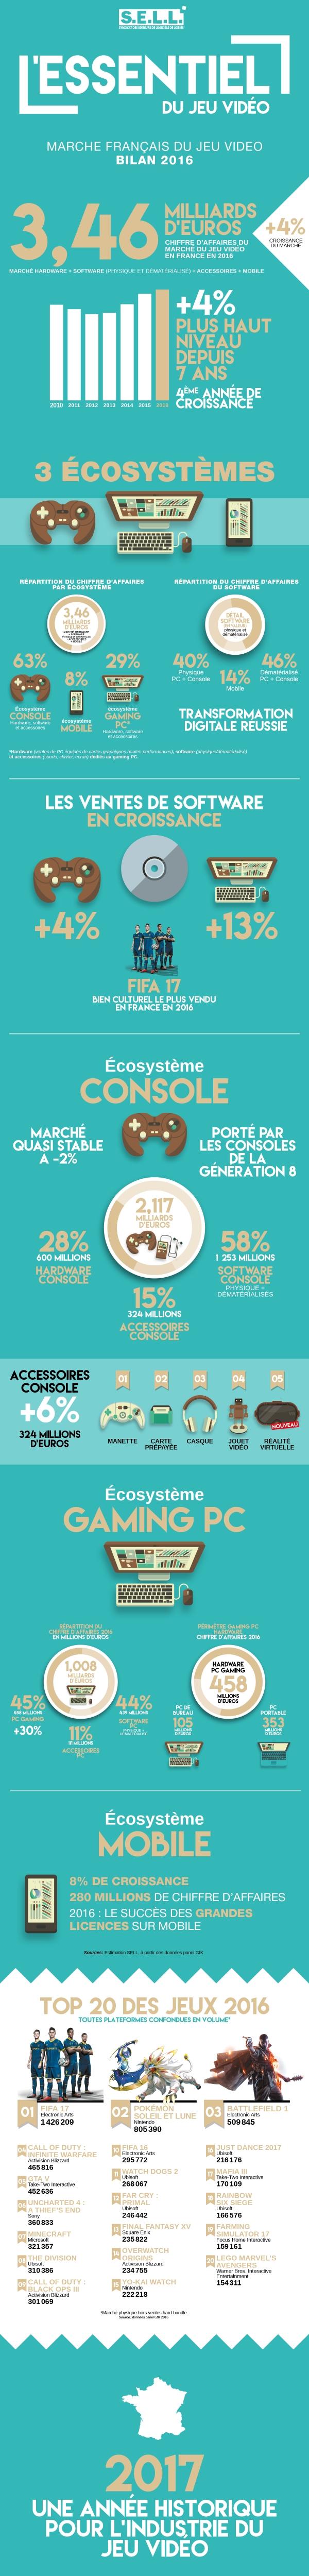 infographie_bilan_marche_2016_sell_fev17rezised